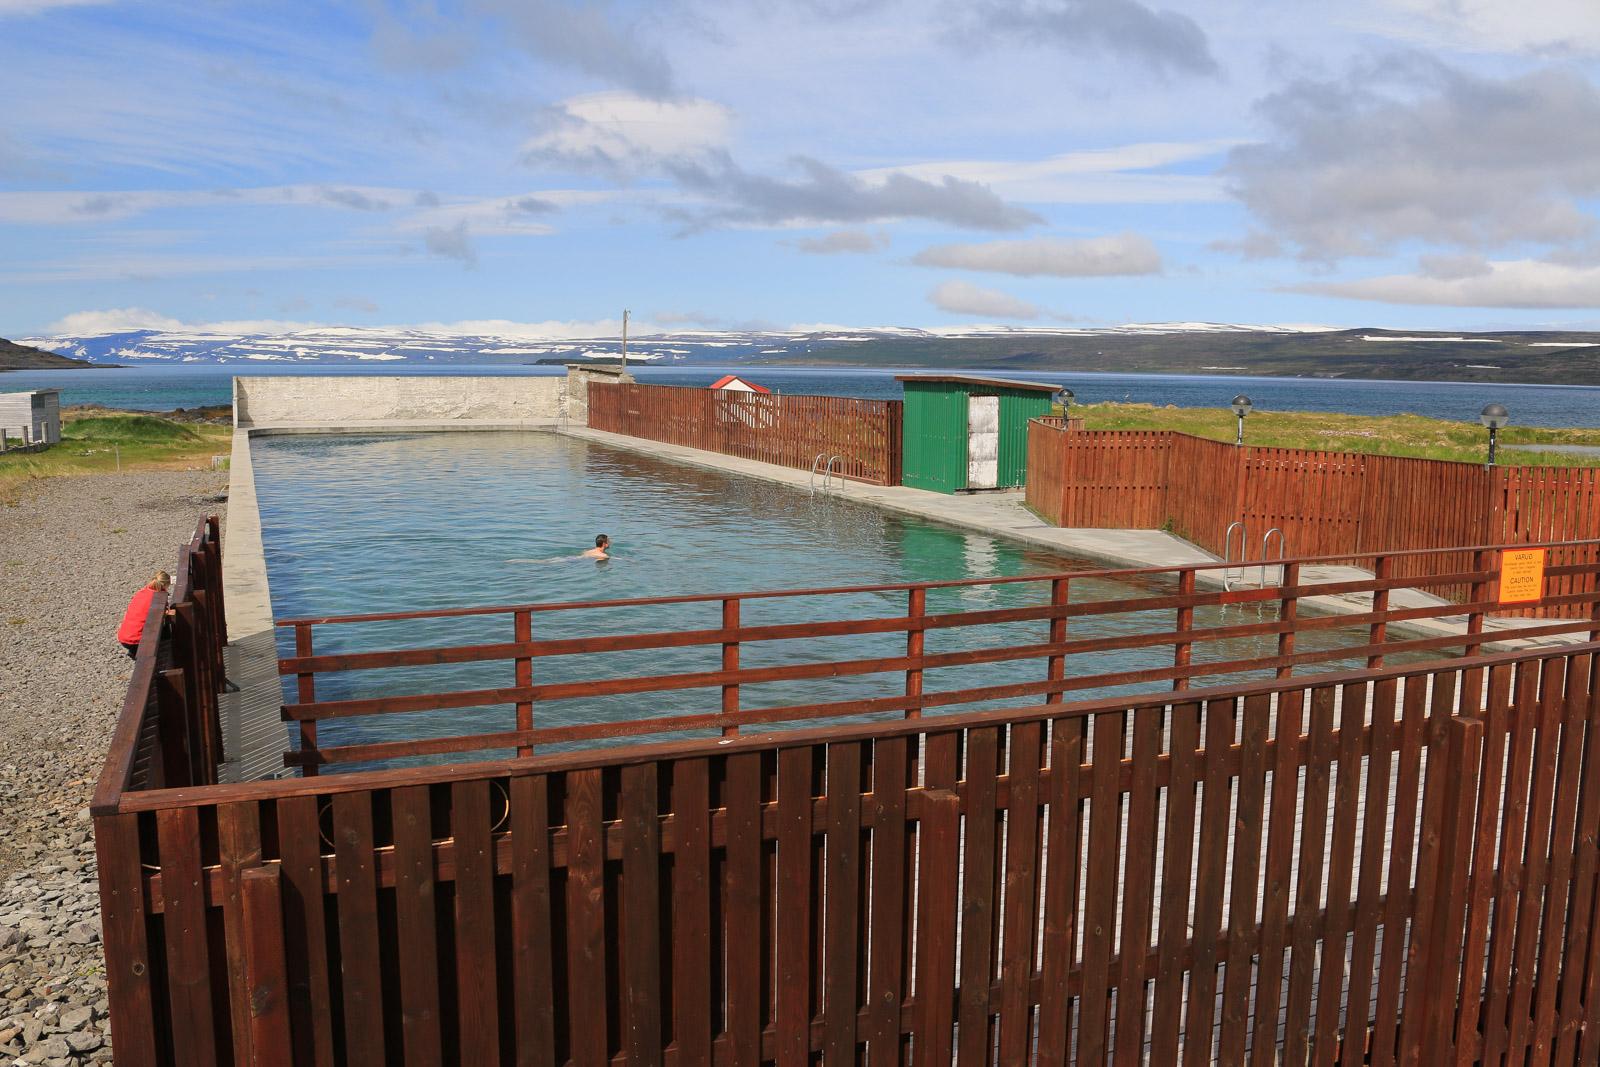 Der Pool am Hotel Reykjanes liegt wunderschön. Von hier hatten wir den letzten Blick auf die Westfjorde, bevor wir wieder landeinwärts fuhren.